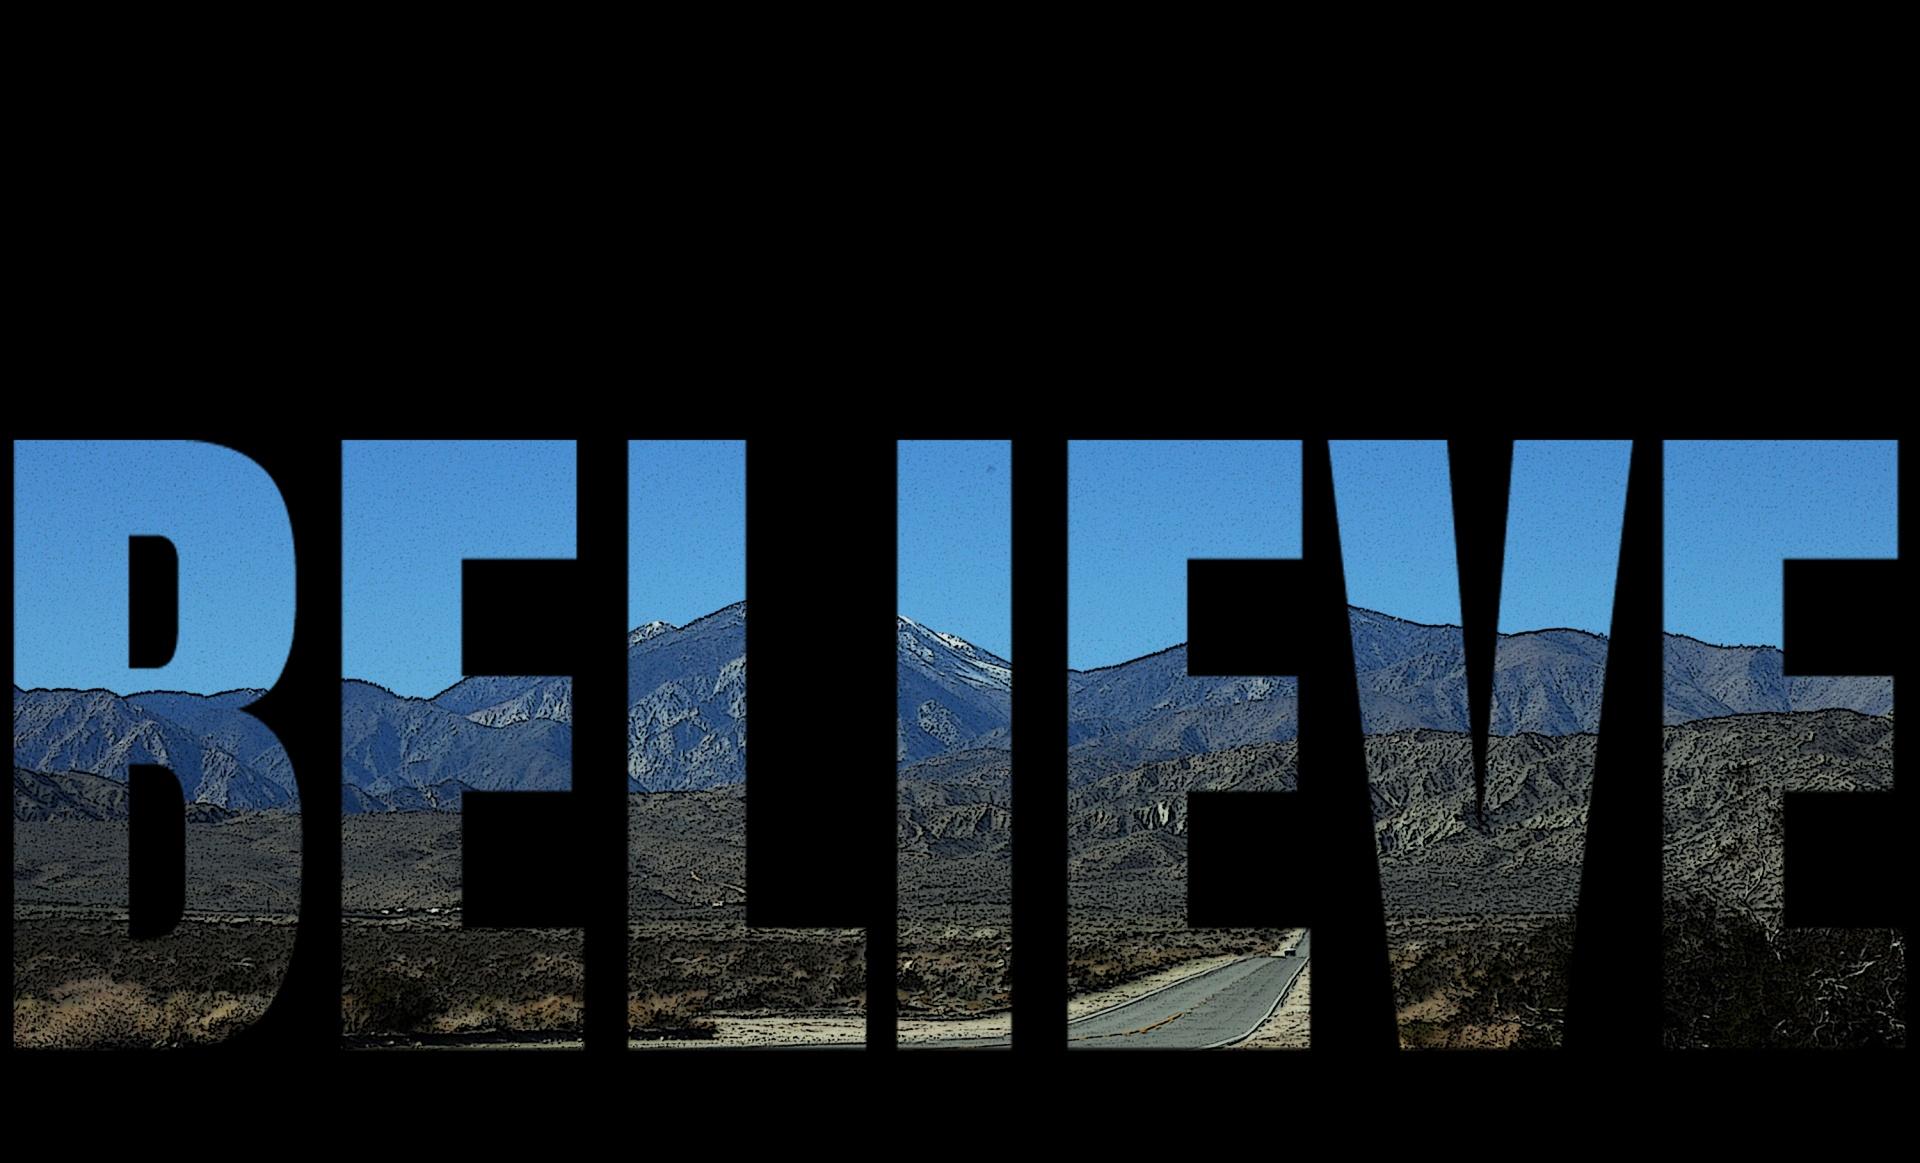 believe image 2.jpg